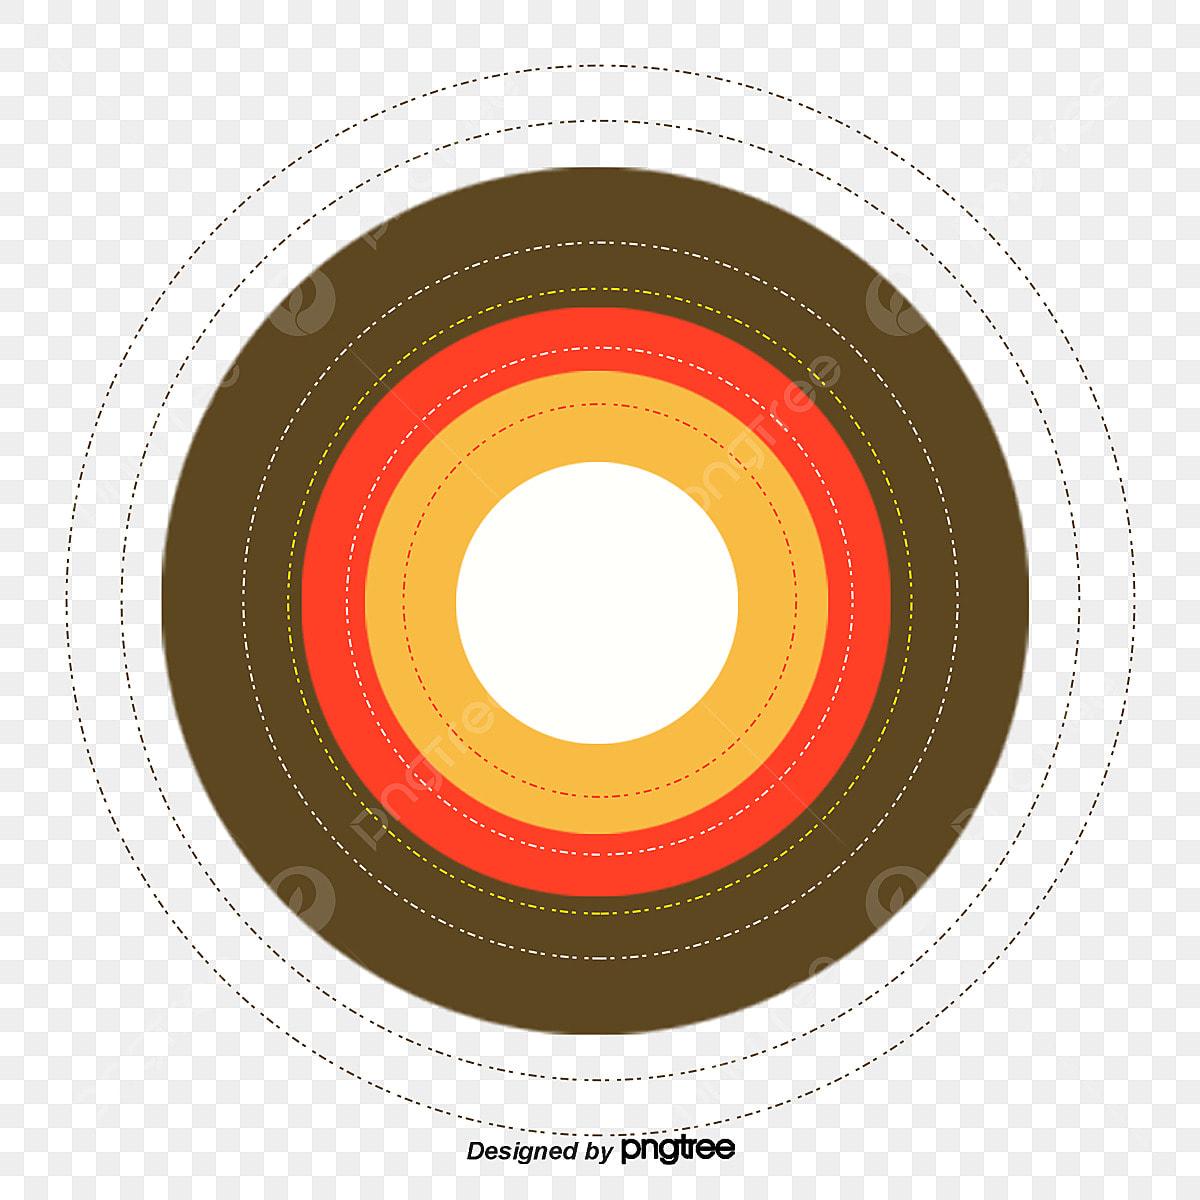 Cartoon Disc Target, Military, Cartoon, Disk PNG Transparent